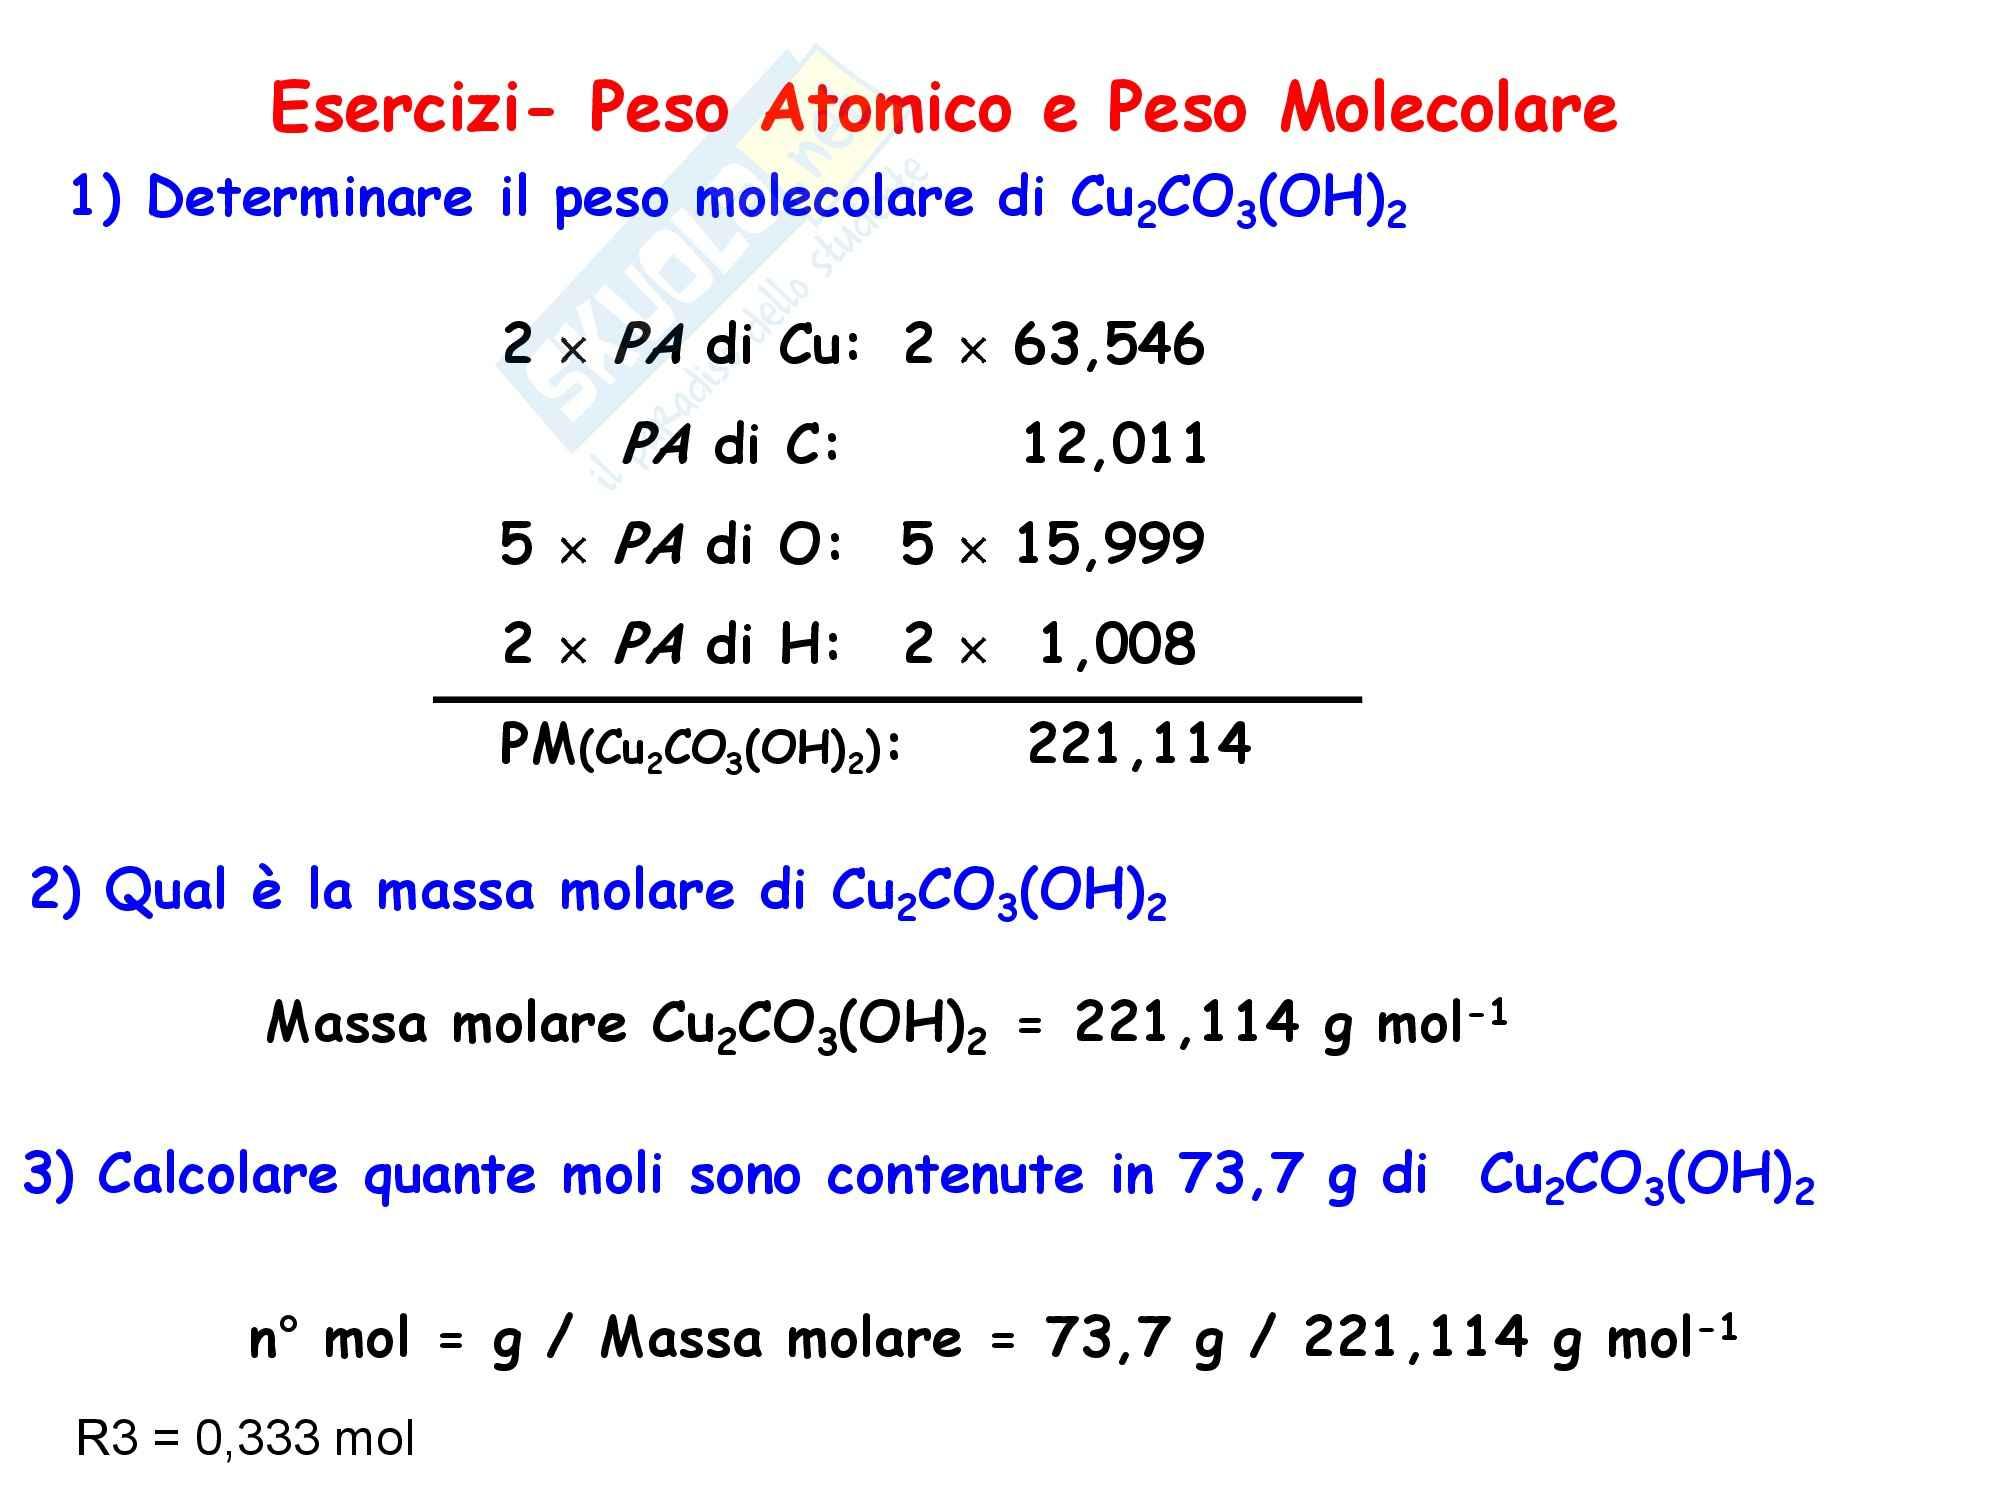 Chimica inorganica - peso atomico e peso molecolare